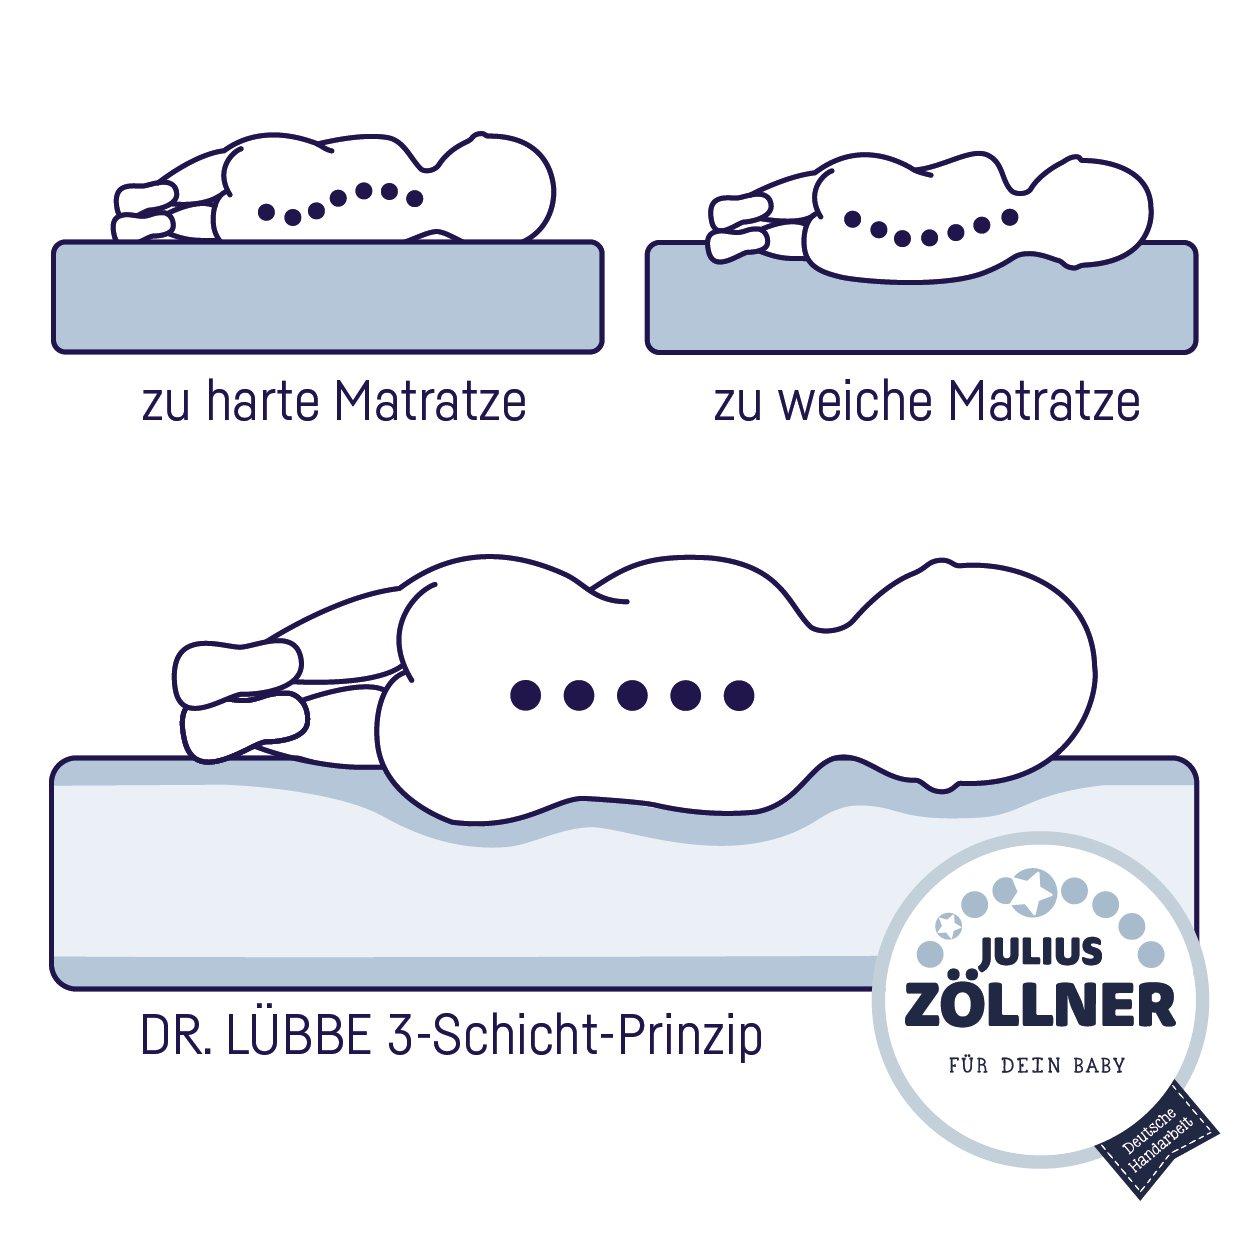 Julius Zöllner 7980210000 - Babymatratze Dr. Lübbe Lübbe Lübbe Air Plus, 70 140 cm 79d89a